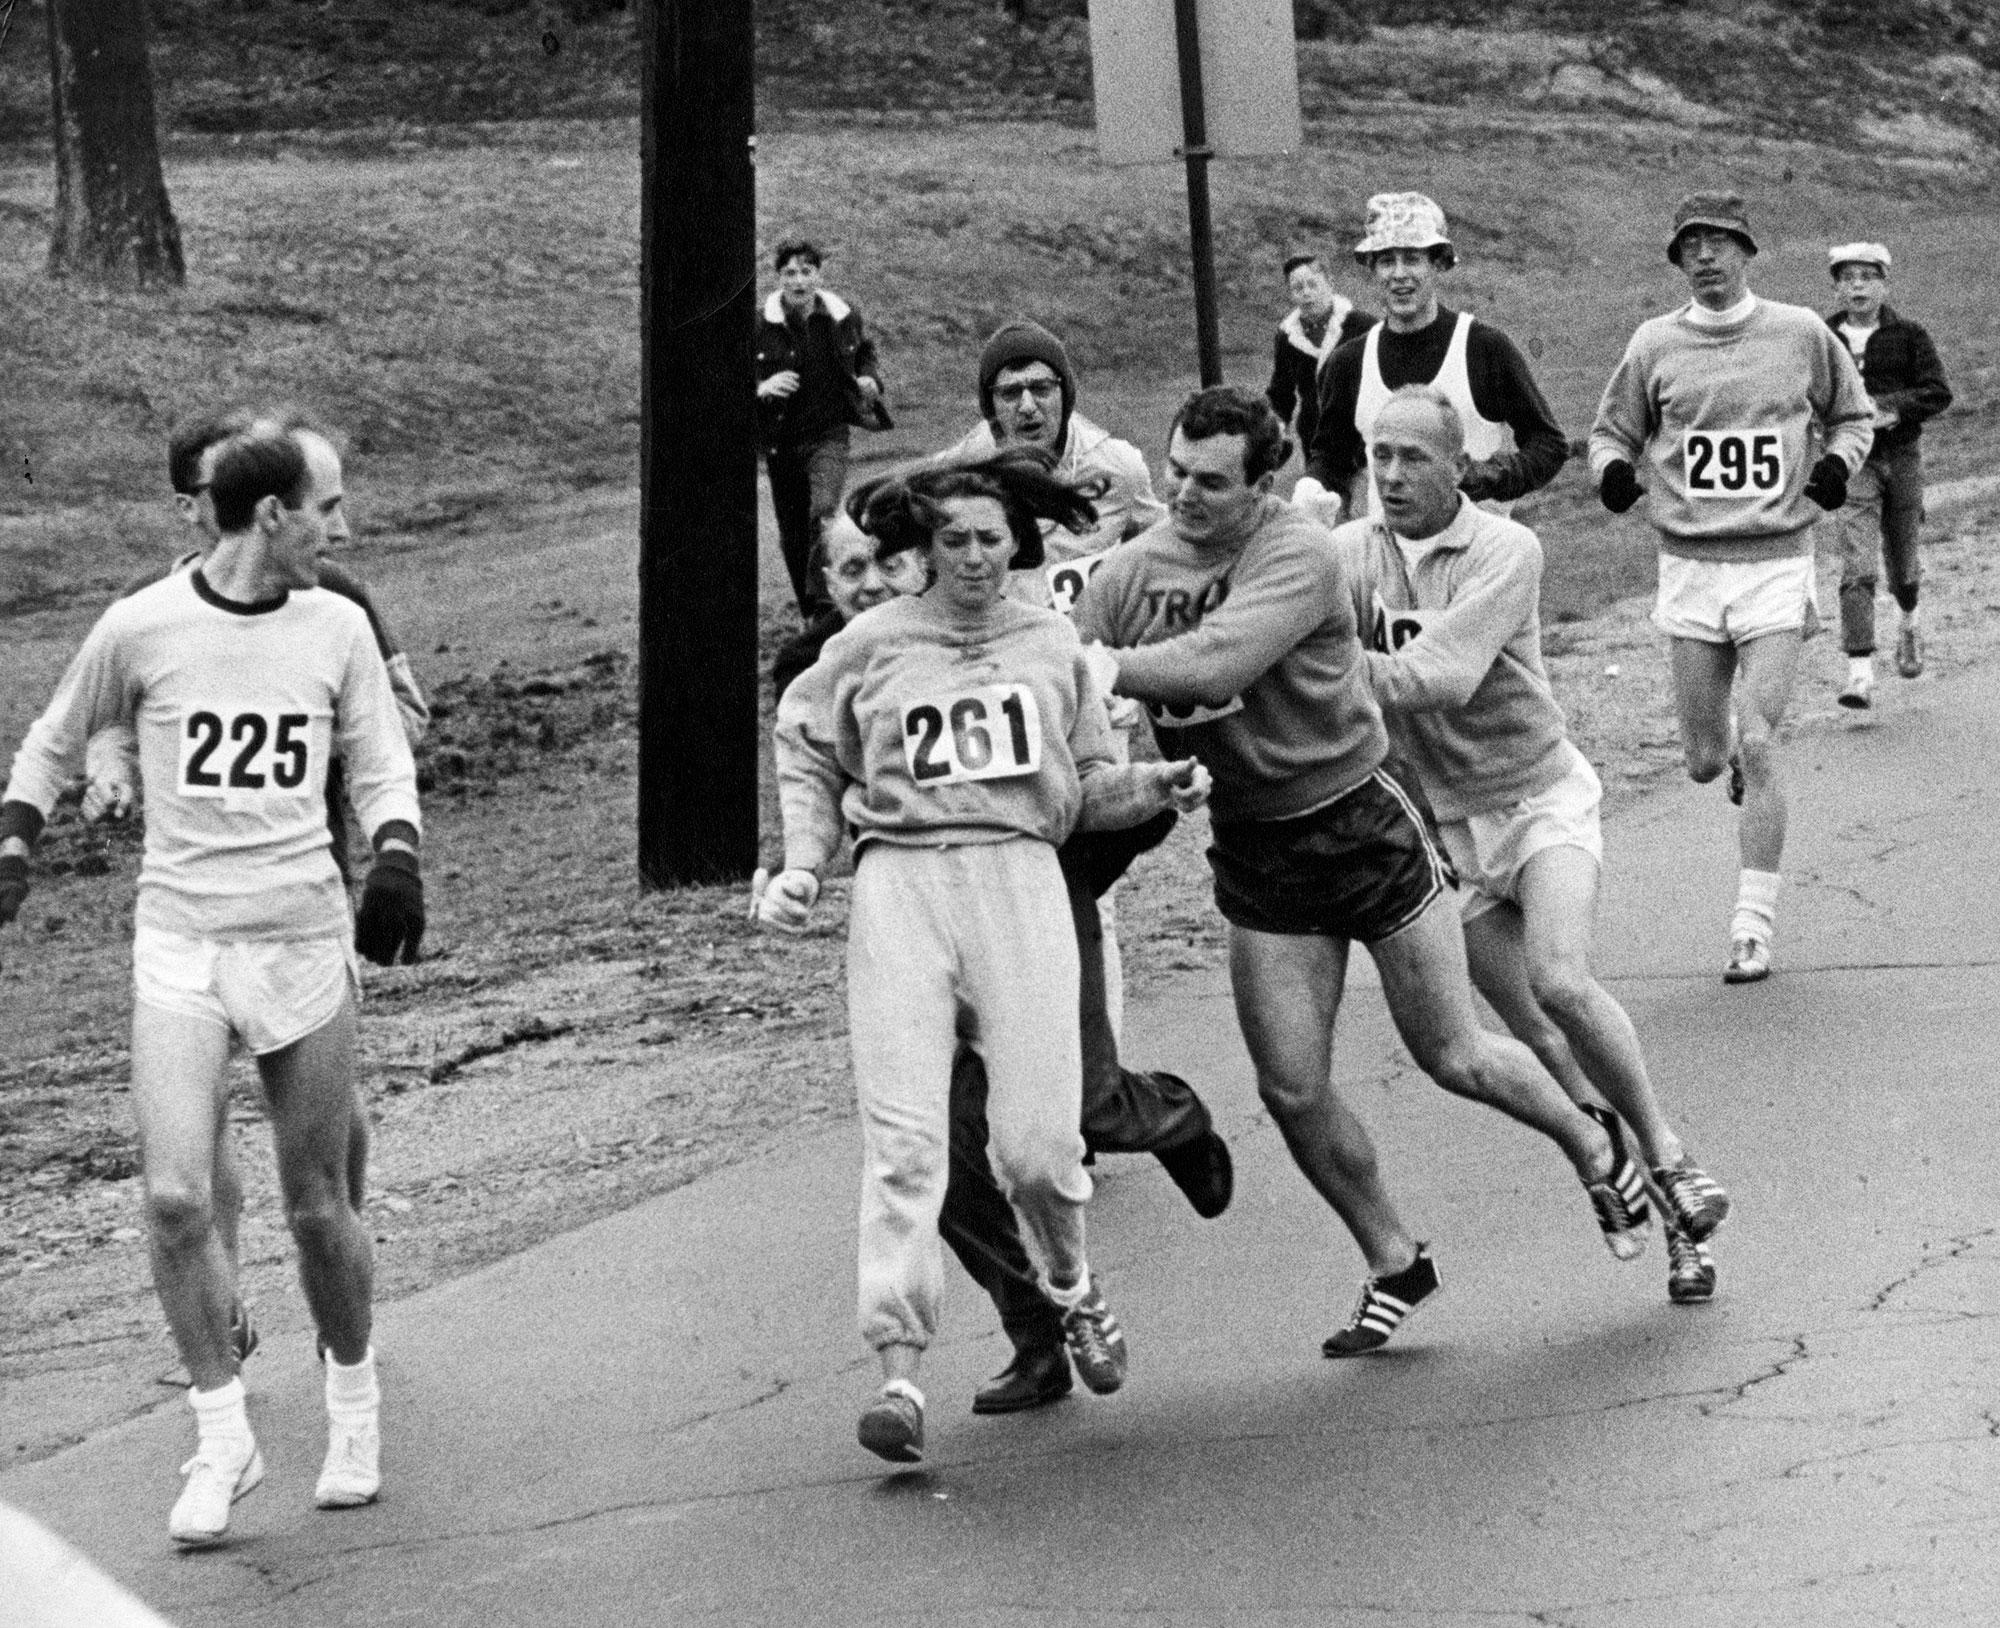 Kathrine Switzer 1967. aastal esimese registreeritud naisena Bostoni maratoni läbimas. Ikooniline fototabamus hetkest, mil jooksu korraldaja Jock Semple üritab Switzerilt numbrit ära tõmmata. Tänu kaasvõistlejate, kelle hulgas oli ka Switzeri elukaaslane, toetusele ja sekkumisele õnnestus naisel legendaarne võistlus küll lõpetada, aga ametlikult lubati naised Bostoni maratonile alles 1972. aastal. Foto: Paul Connell / The Boston Globe / Getty